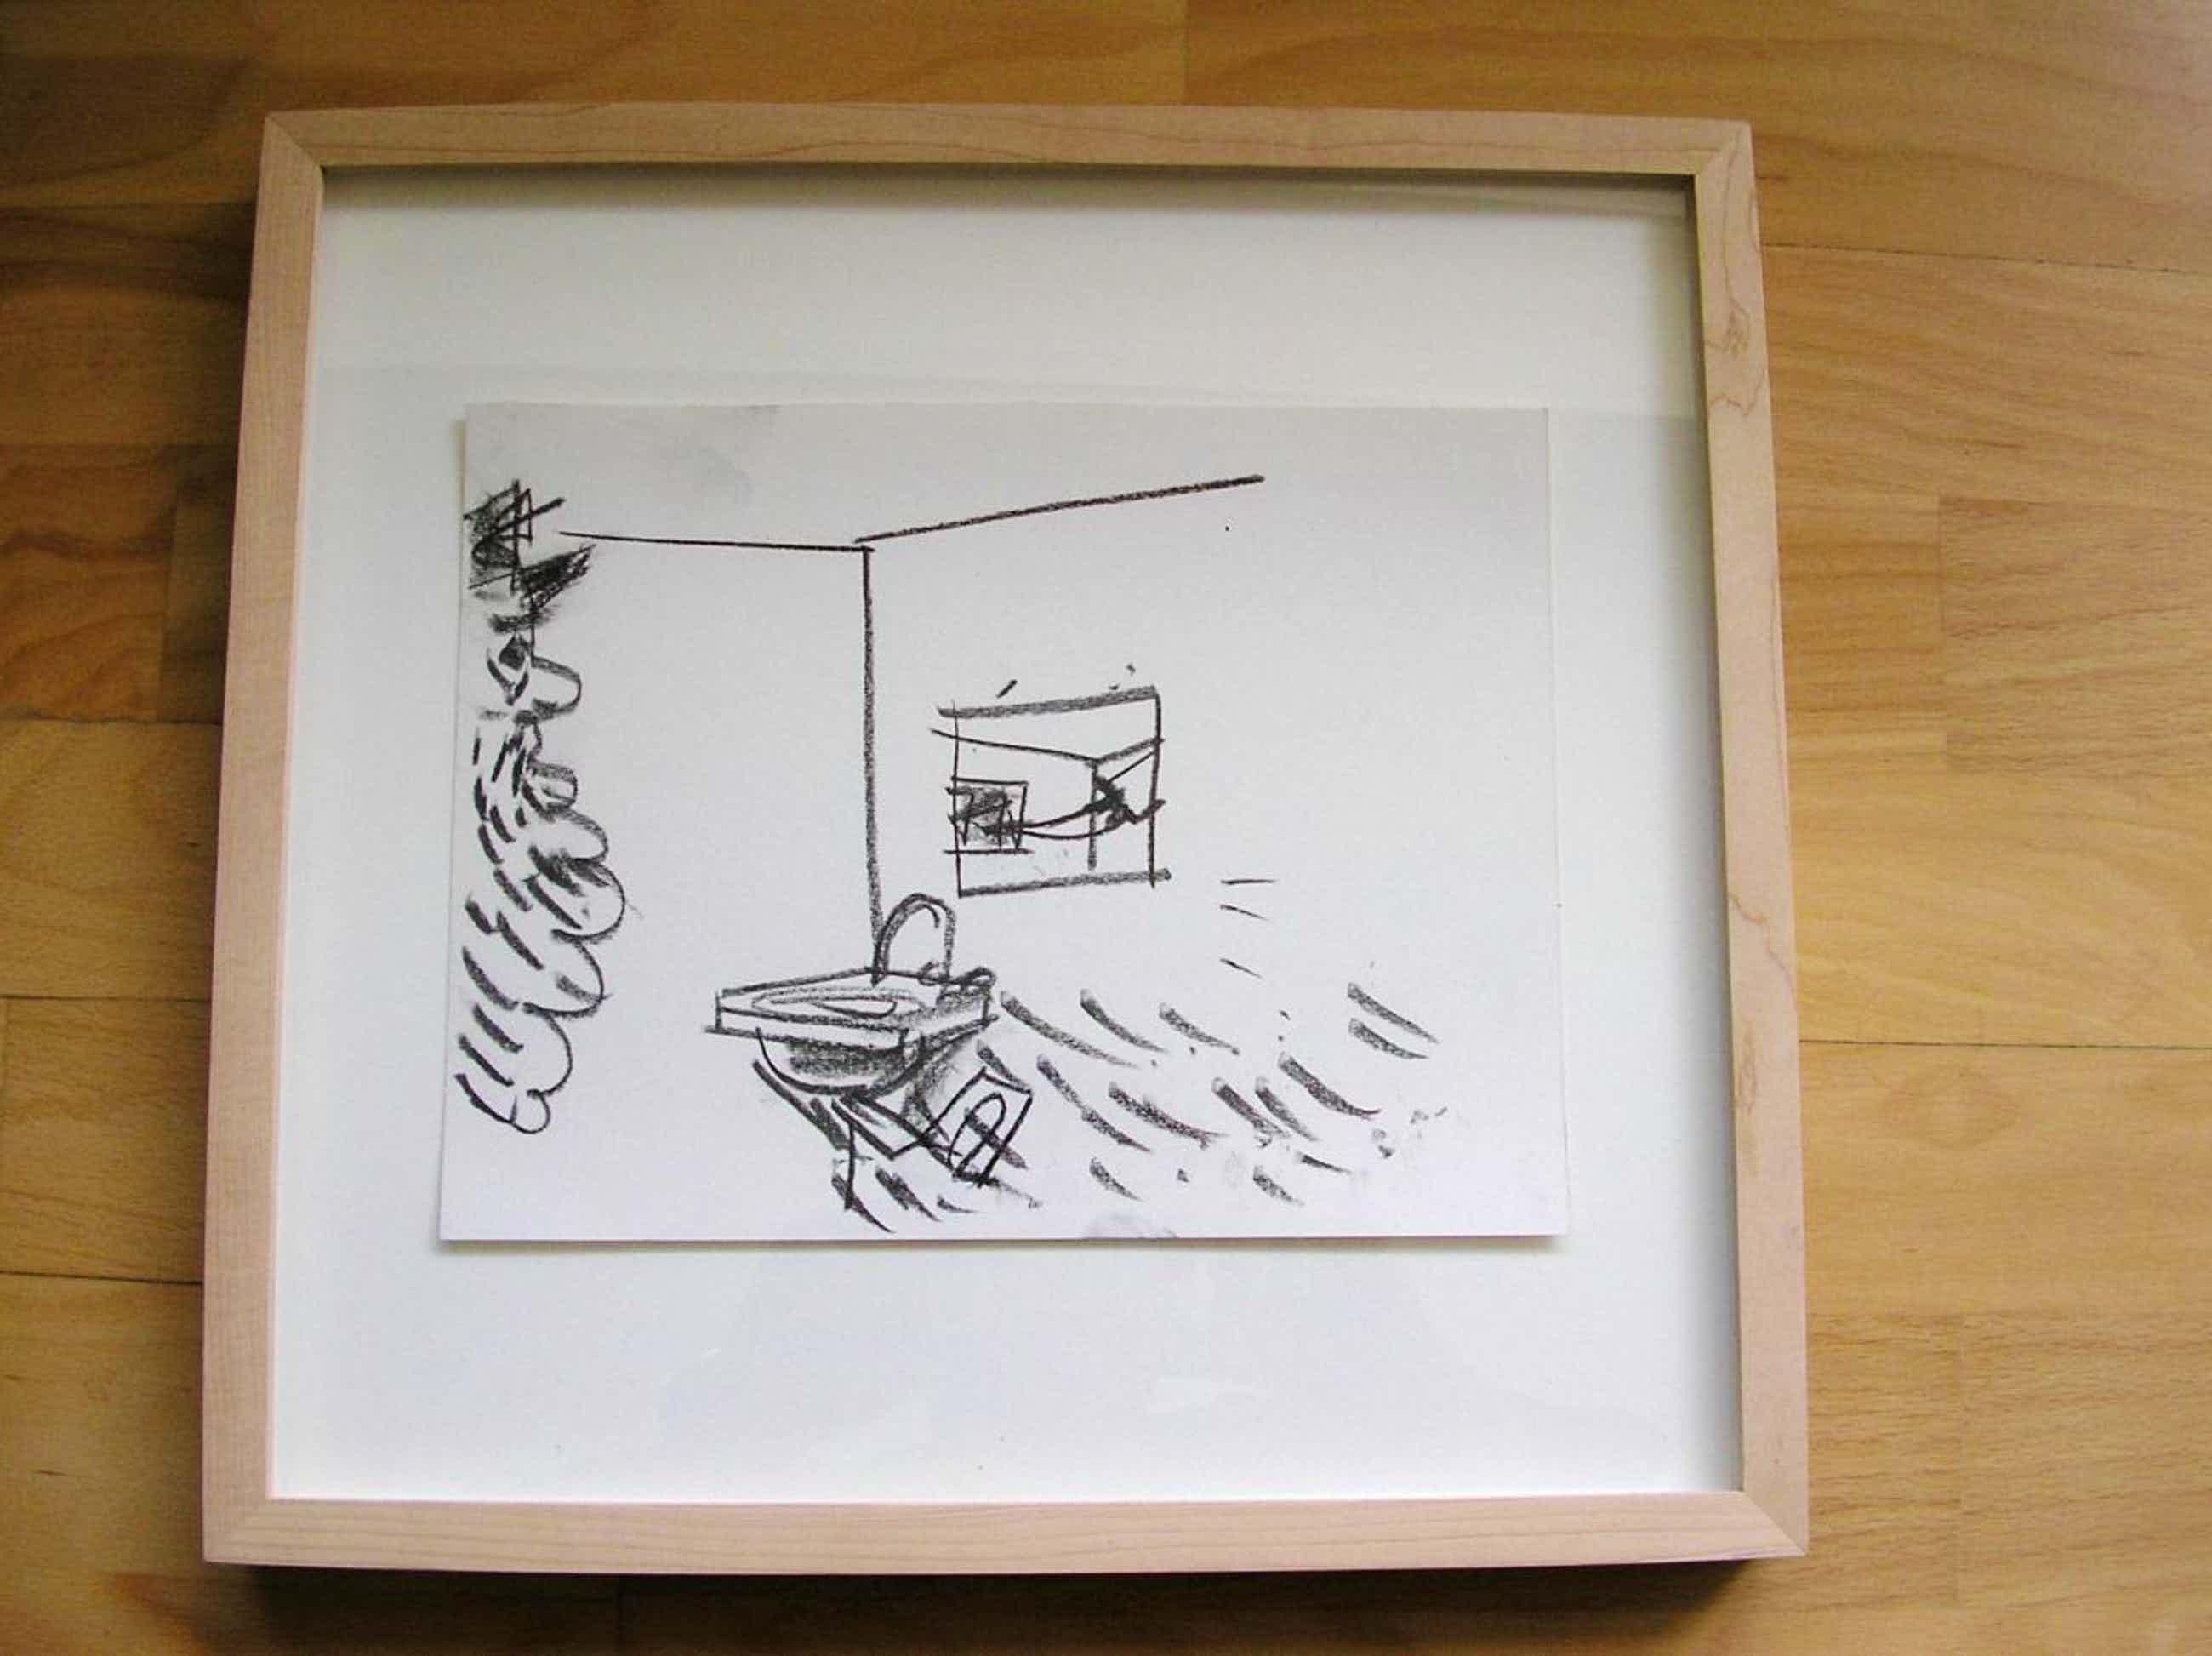 Matthias Weischer - Matthias Weischer, Untitled, 2004, Zeichnung auf Karton, signiert, WVZ 231 kopen? Bied vanaf 900!